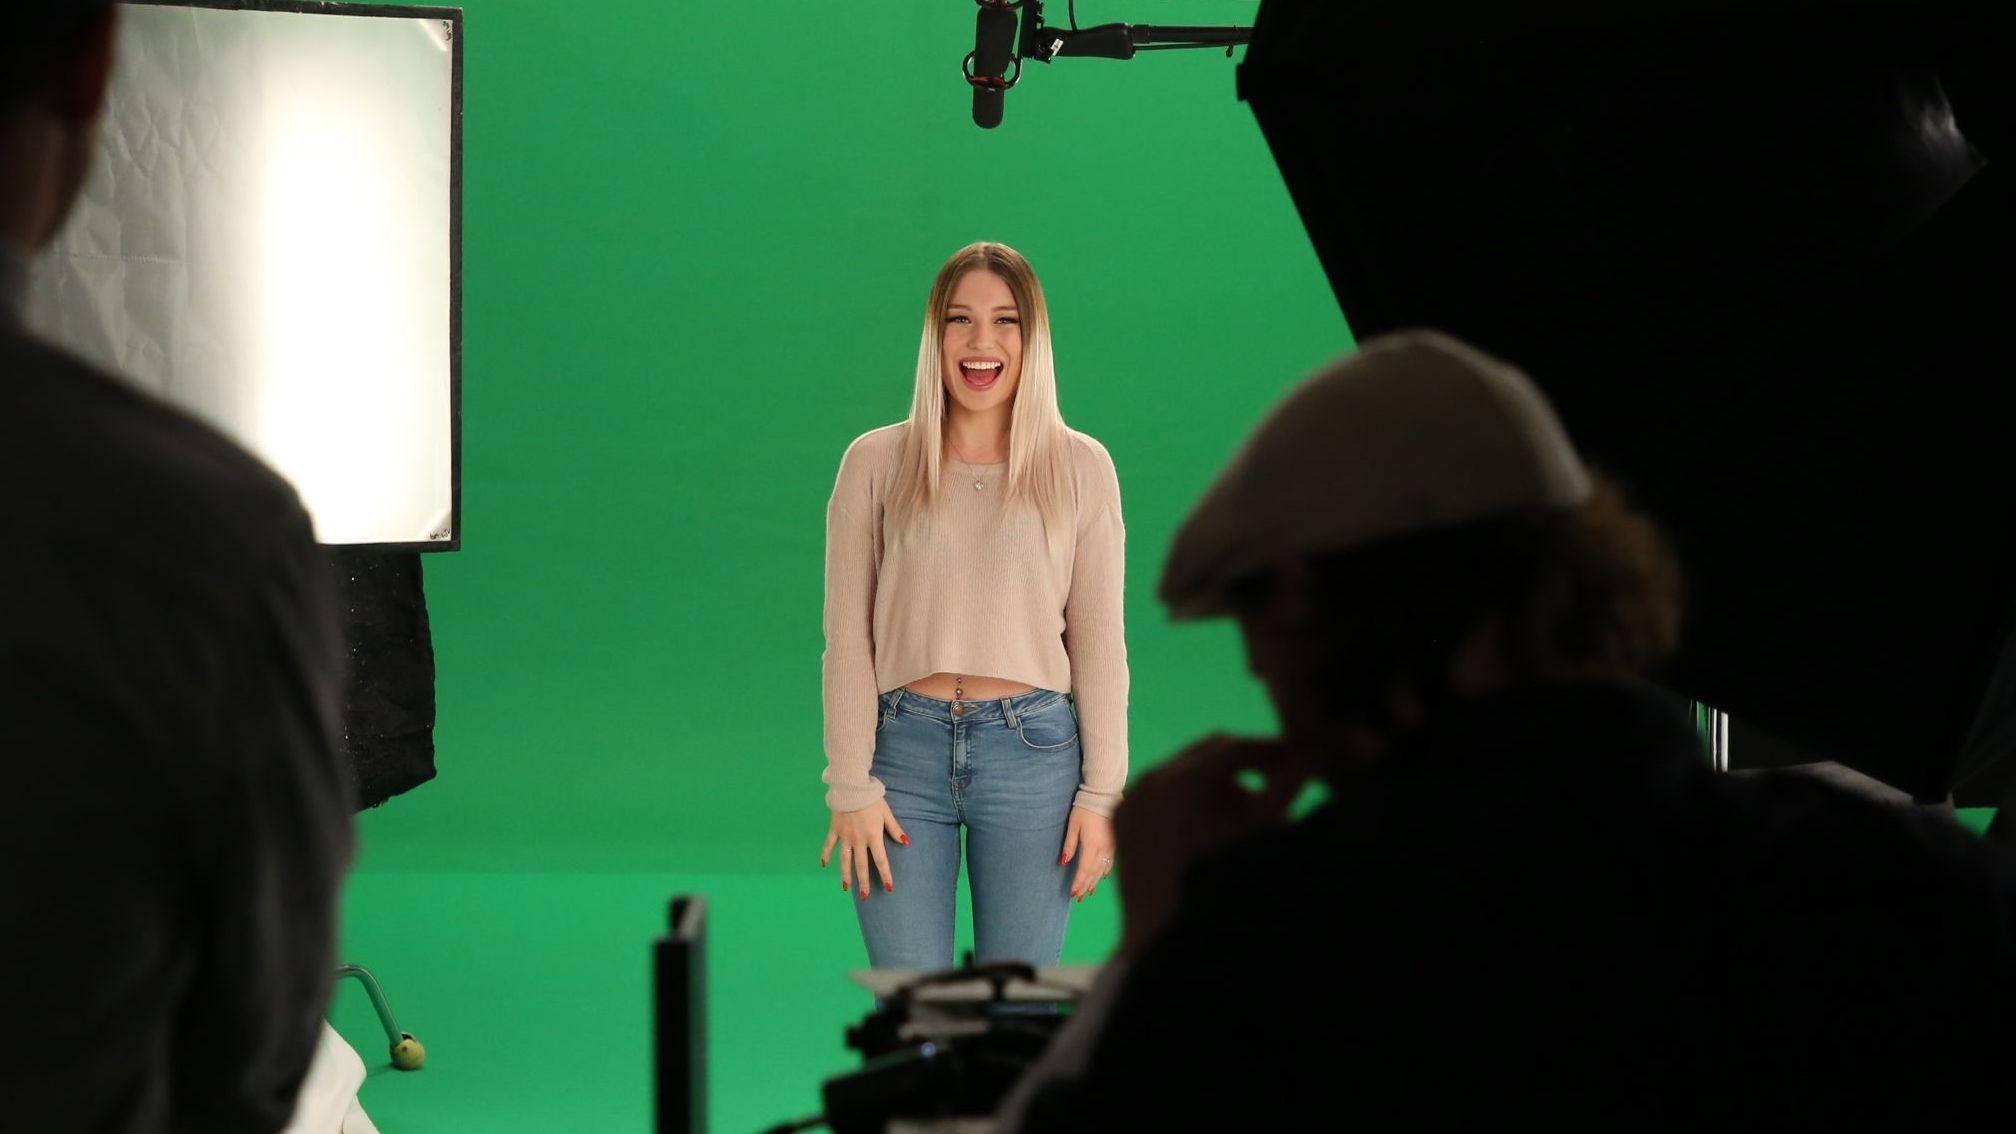 youtuberin bianca bibi heinicke wird weltweit erstes madame tussauds hologramm. Black Bedroom Furniture Sets. Home Design Ideas